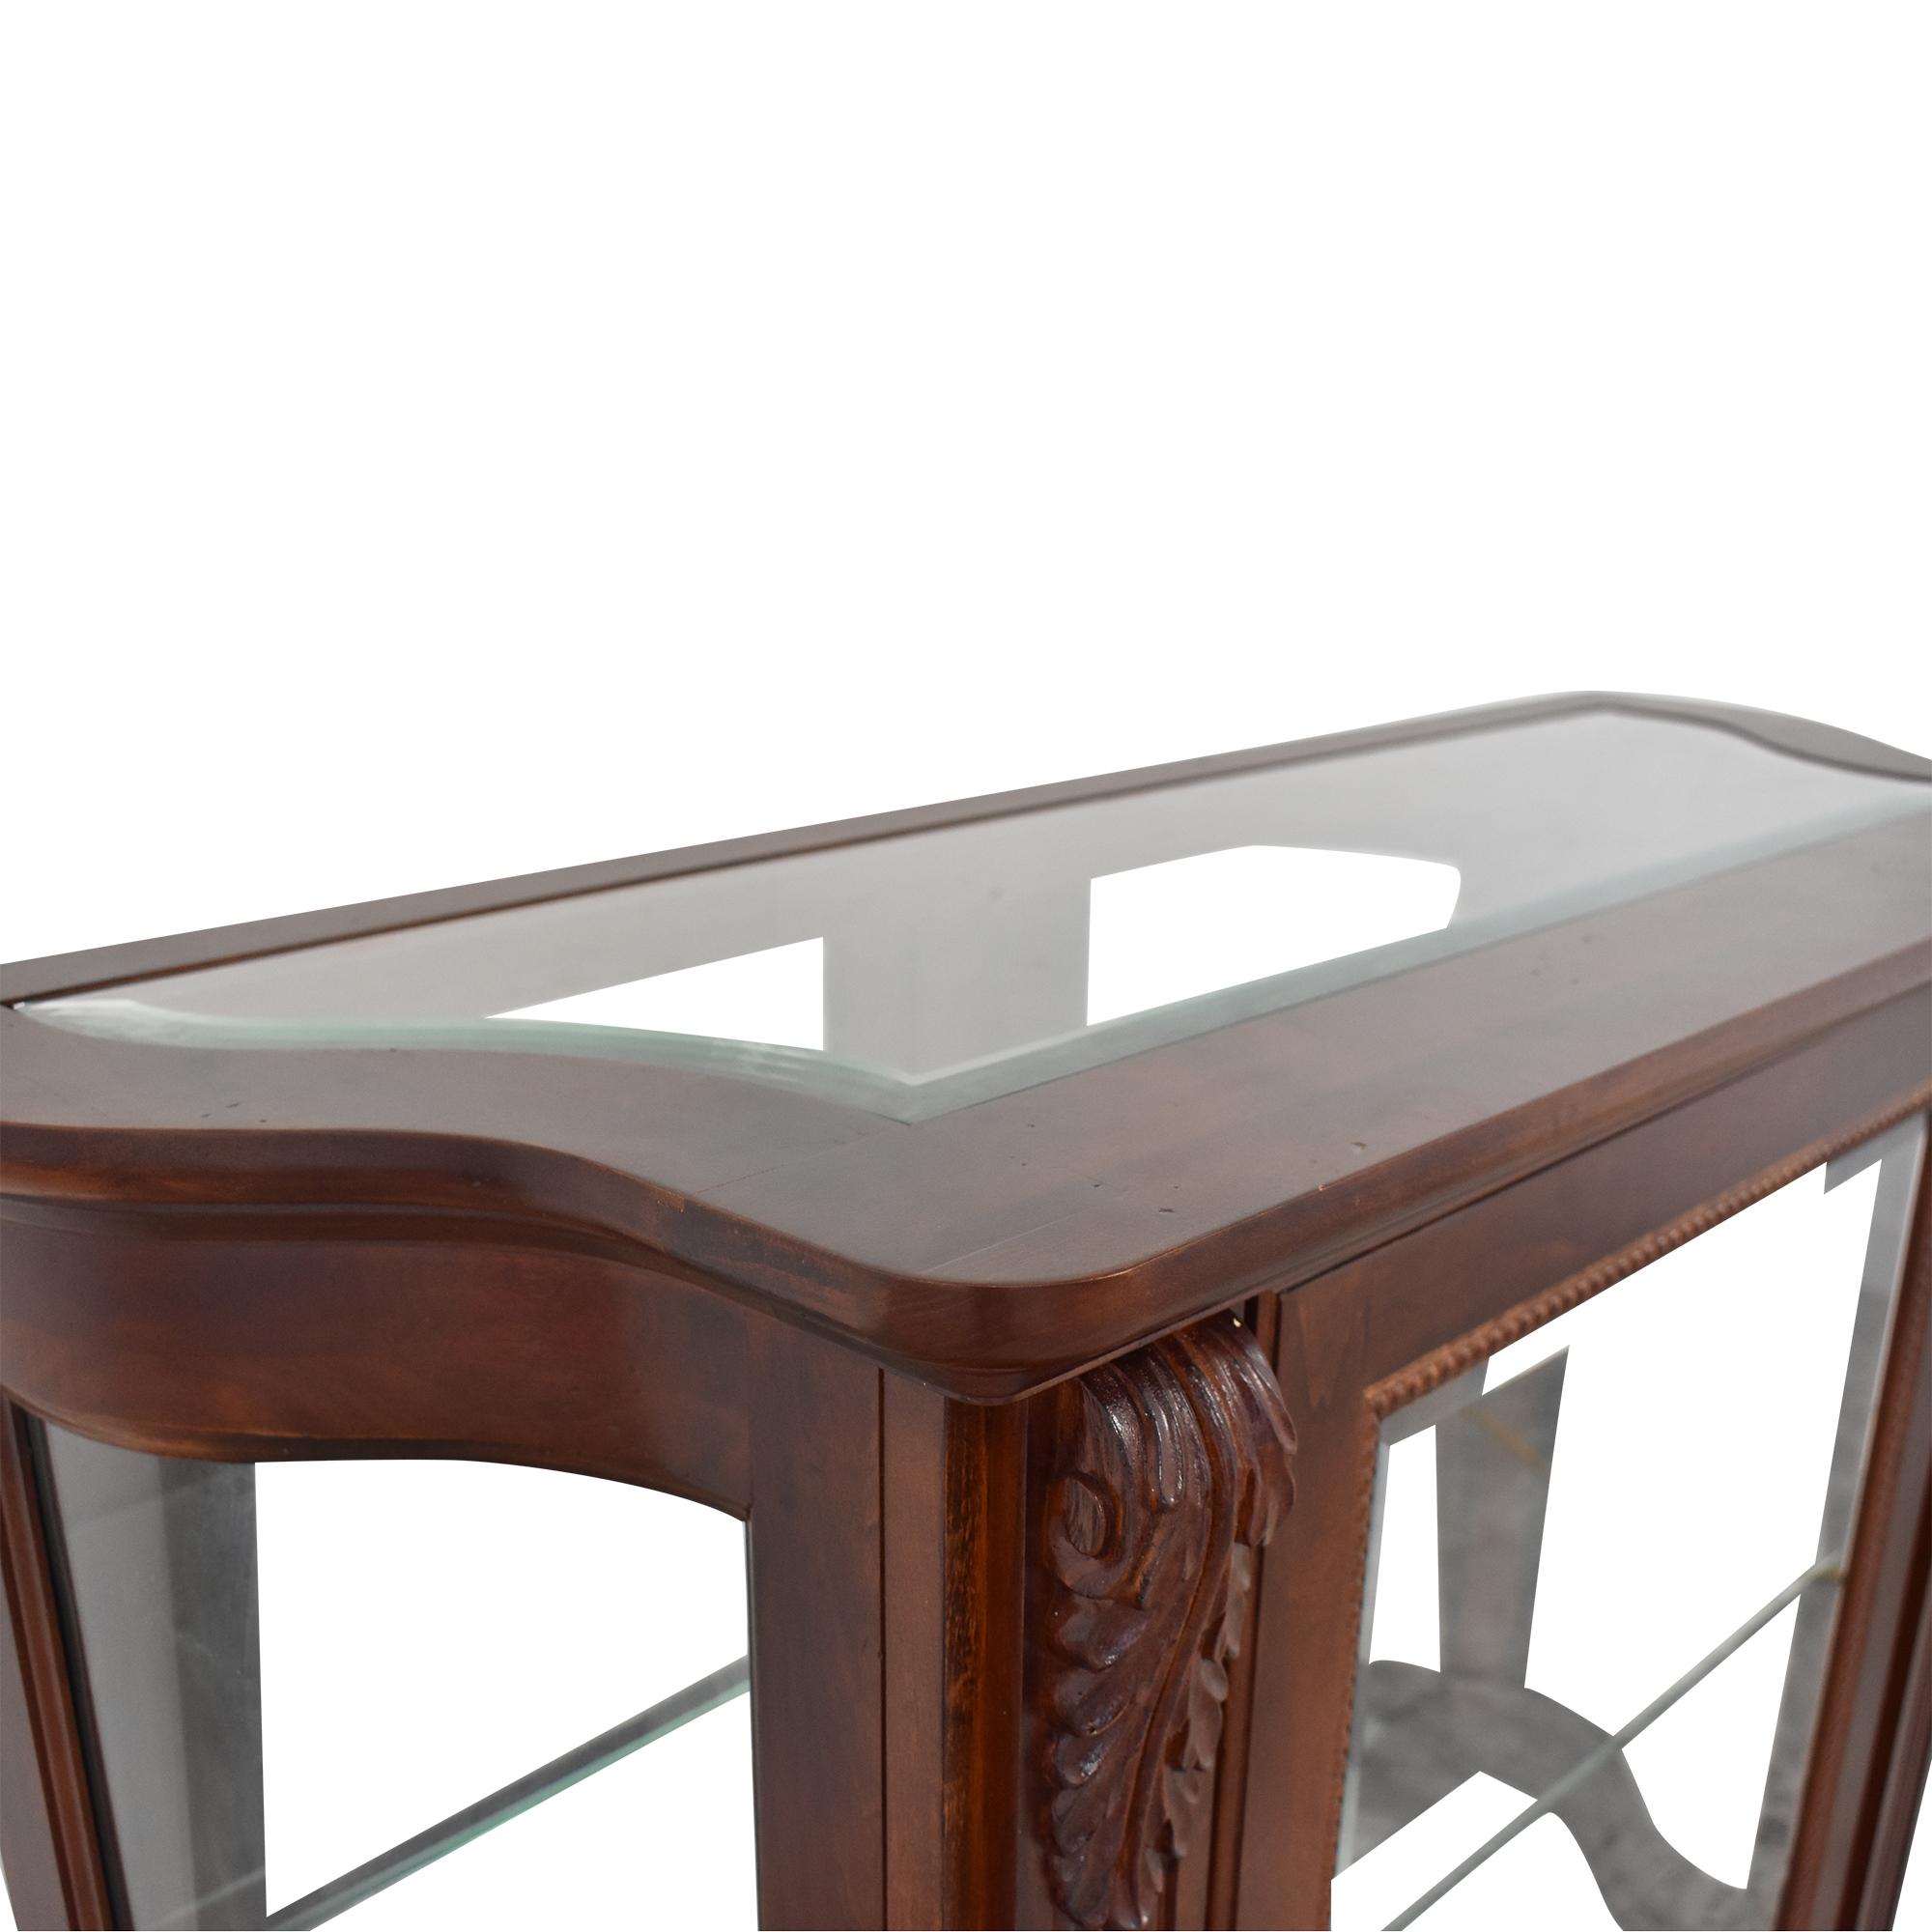 Thomasville Thomasville Display Accent Table on sale